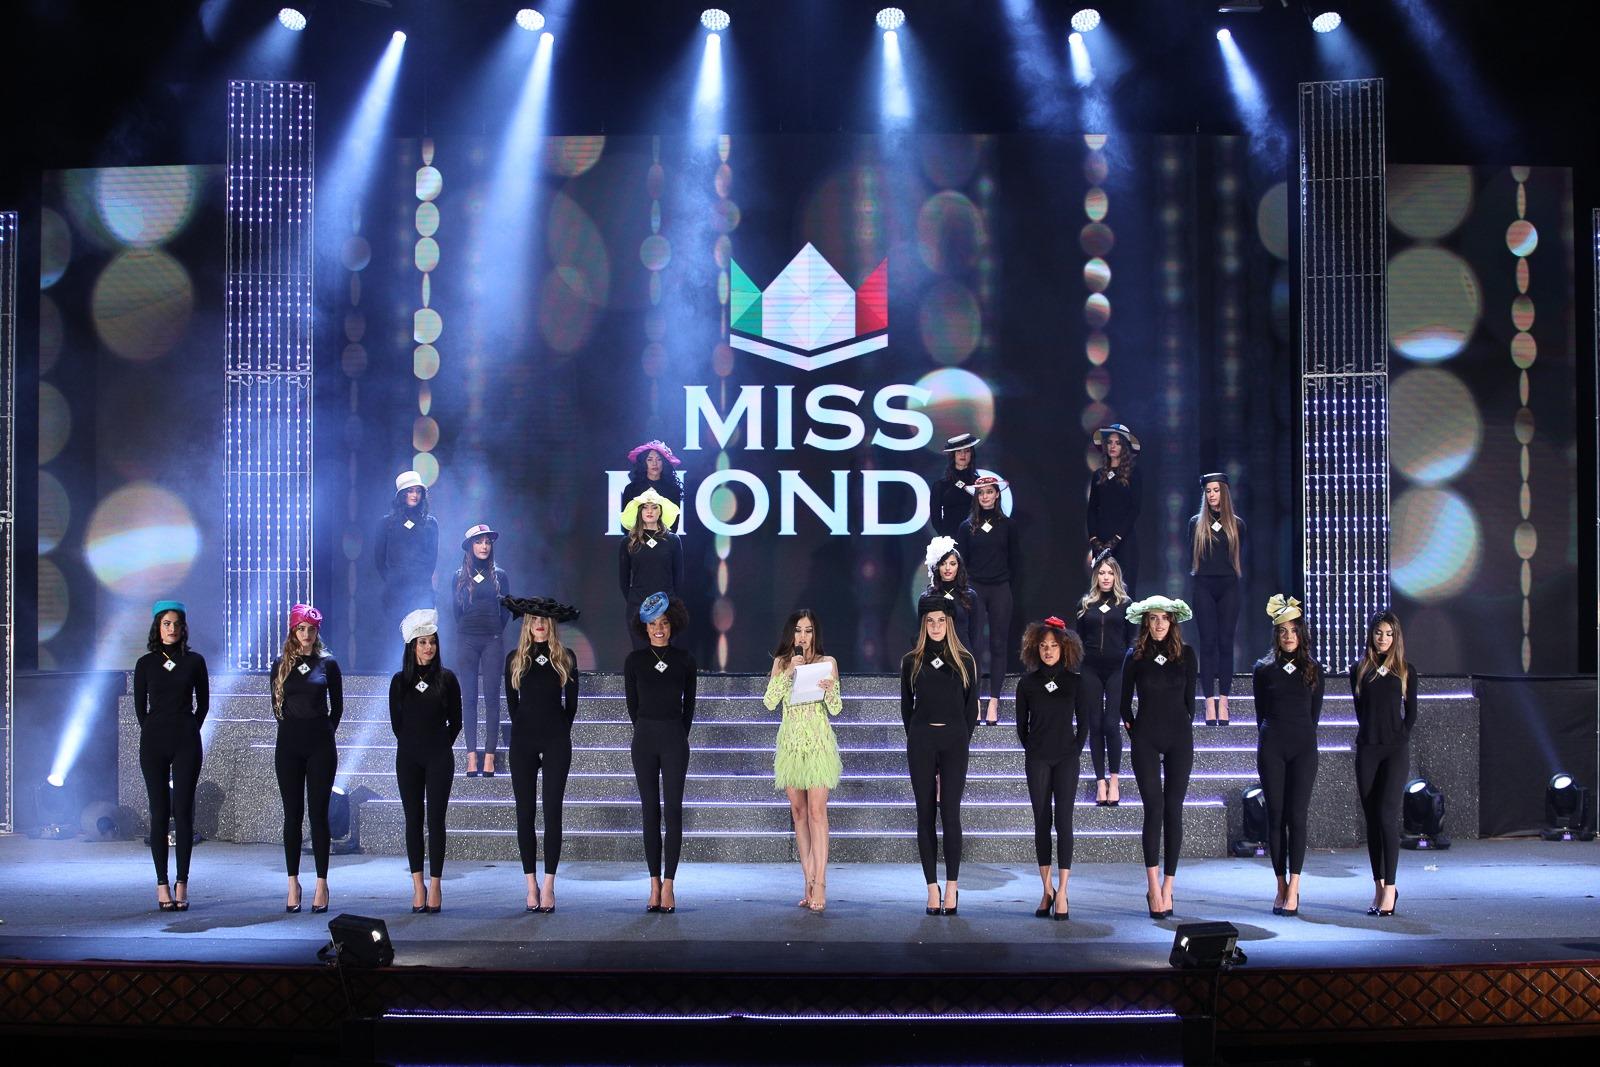 Sfilata in collaborazione con Stybel nella serata finale di Miss Mondo Italia 2019